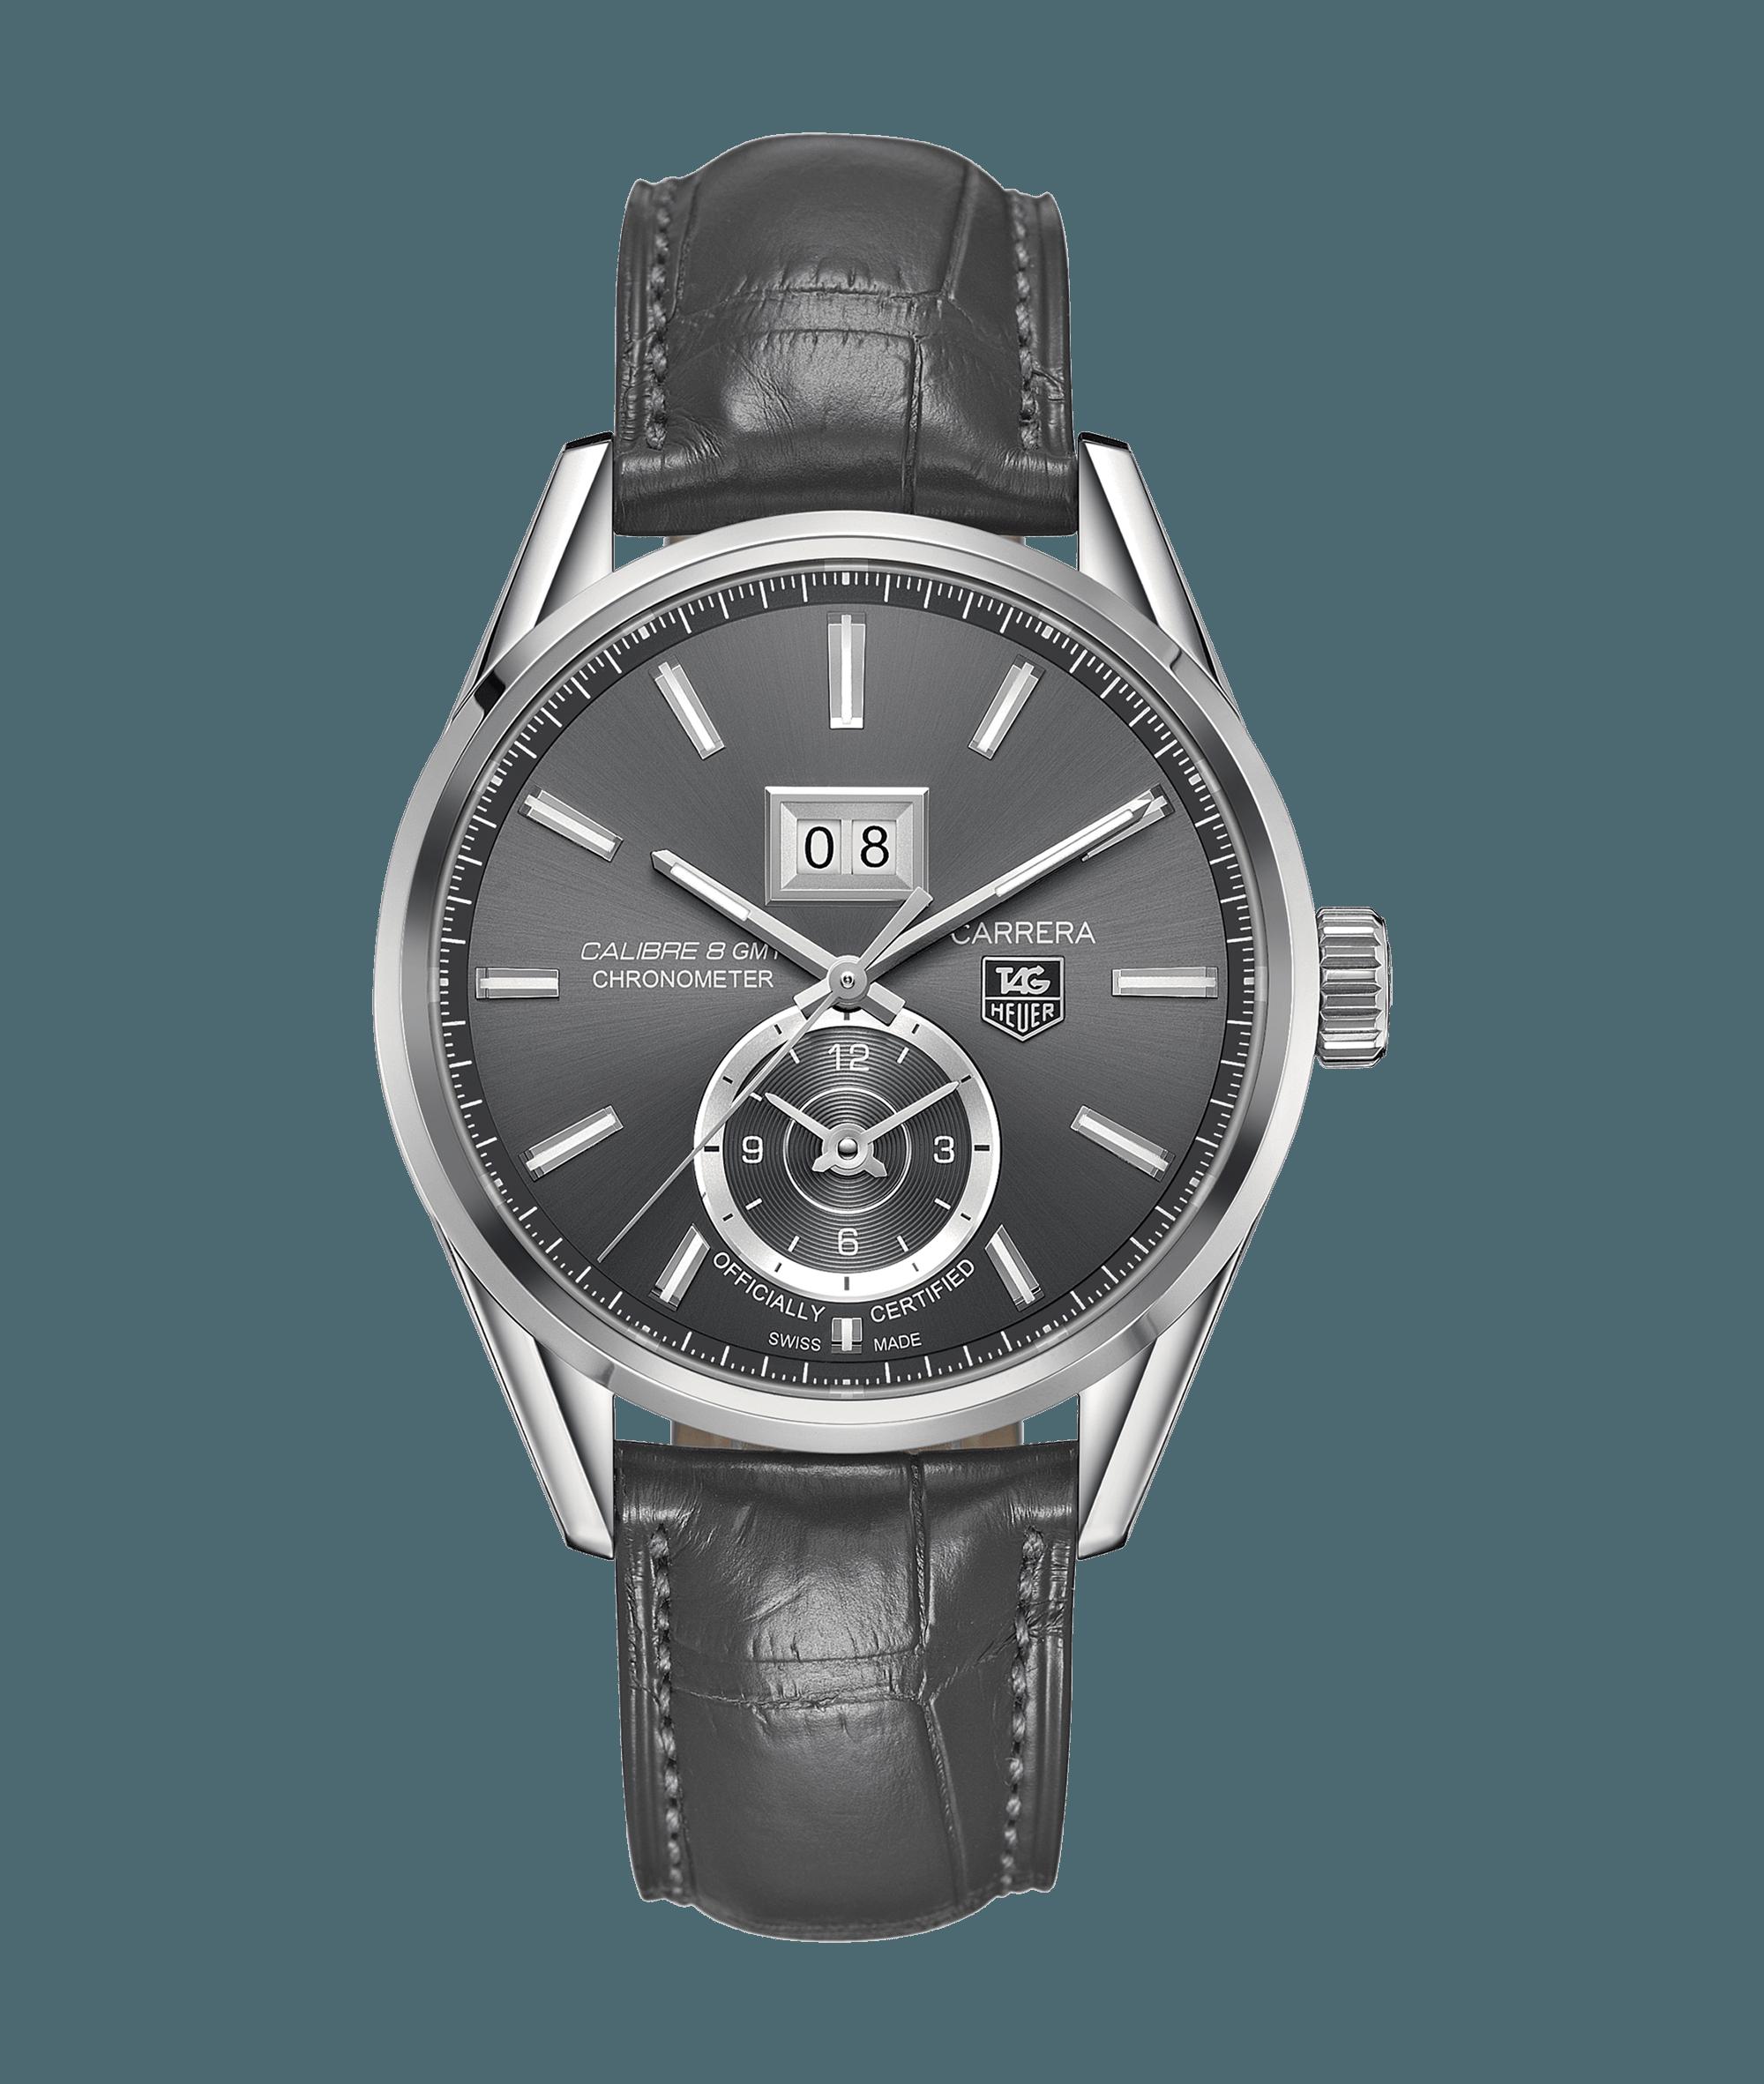 タグ・ホイヤー カレラ オートマティック GMTグランドデイト WAR5012.FC6326